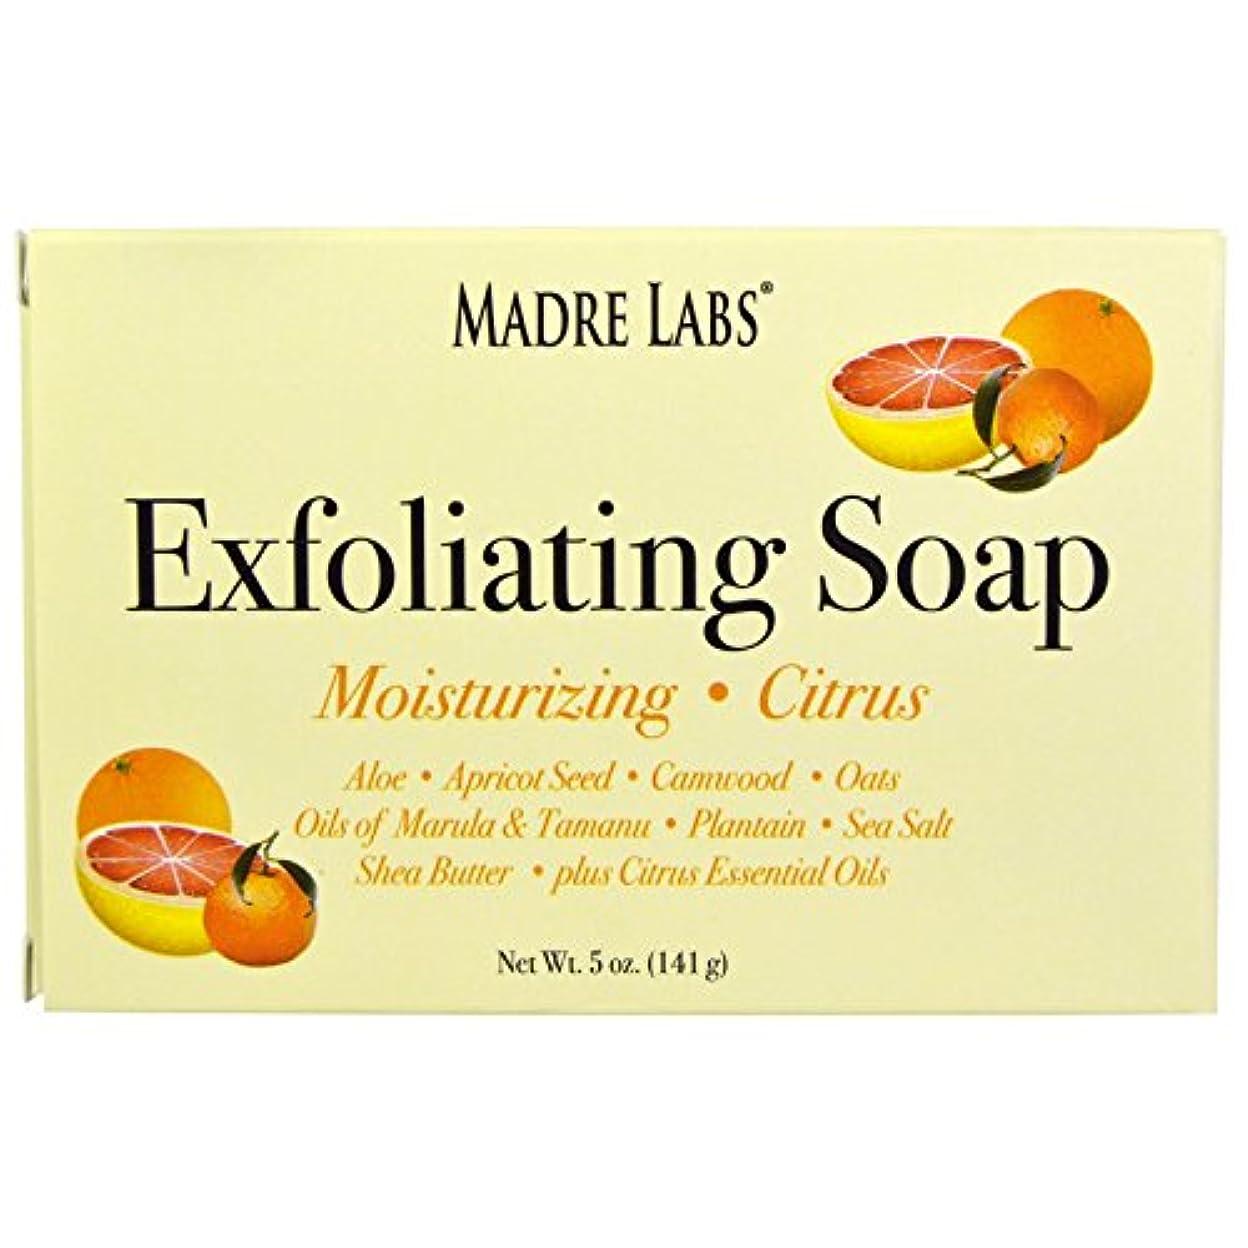 粗い礼拝飼い慣らすマドレラブ シアバター入り石鹸 柑橘フレーバー Madre Labs Exfoliating Soap Bar with Marula & Tamanu Oils plus Shea Butter